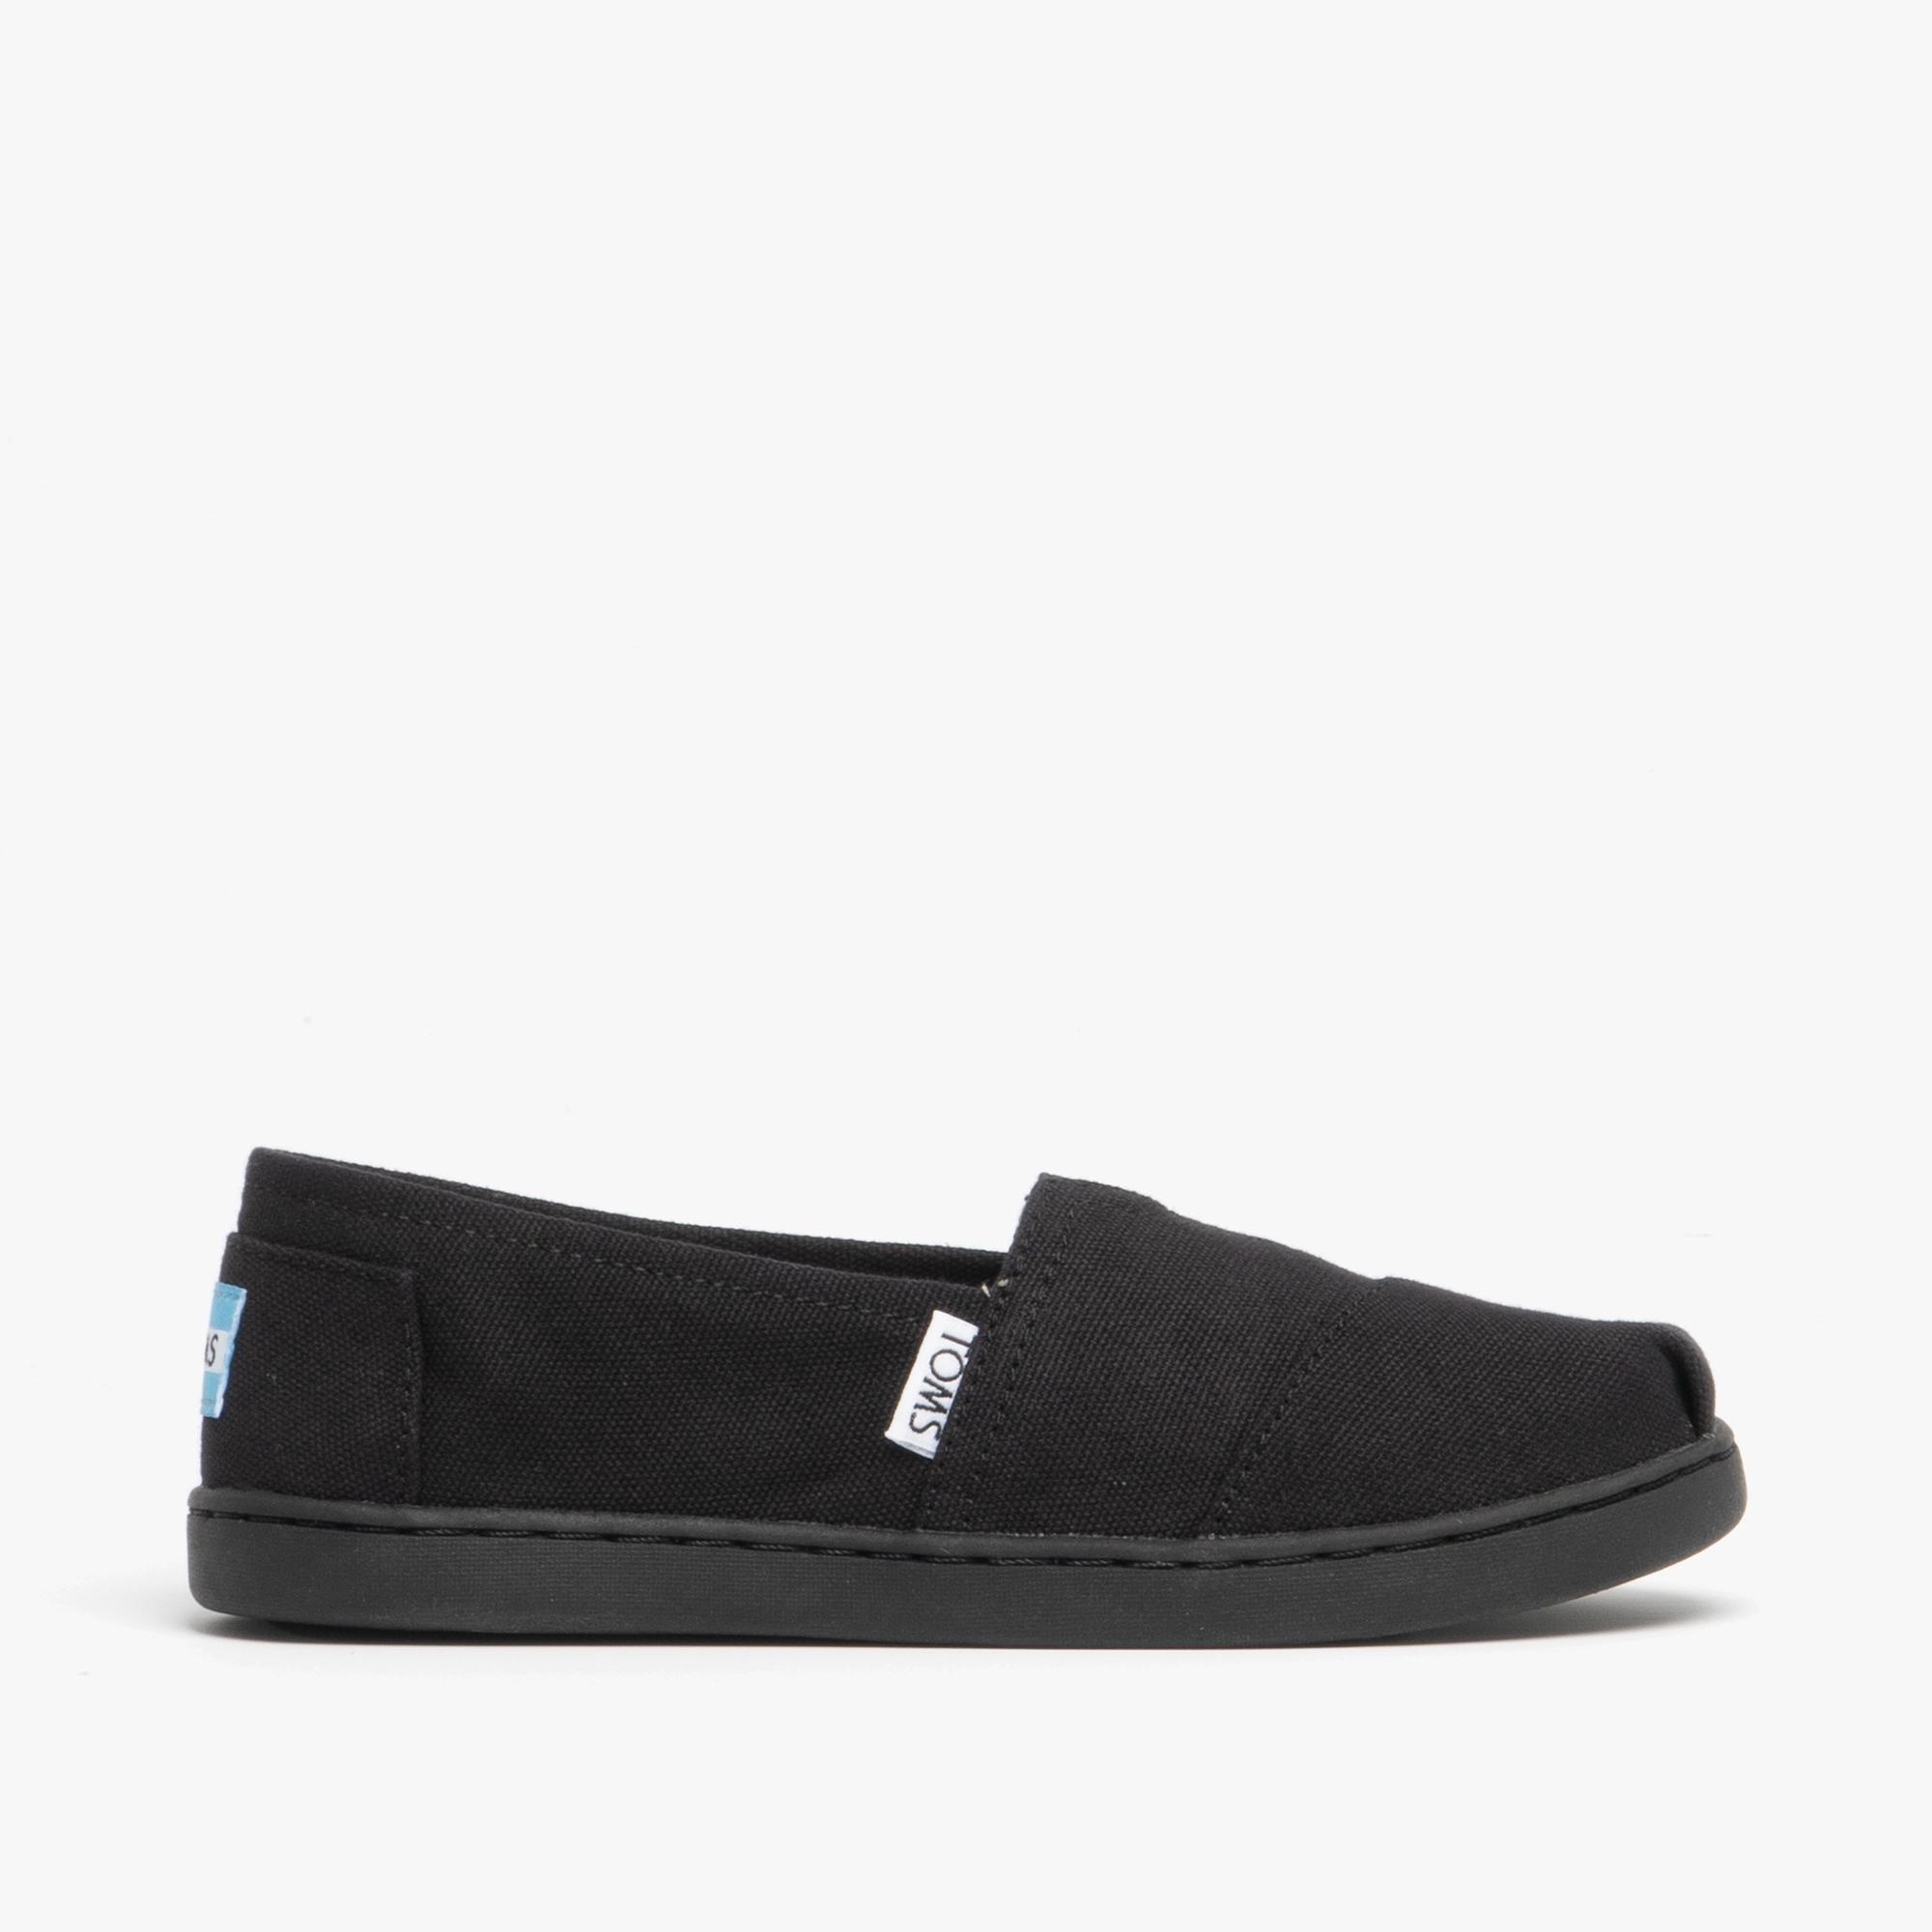 TOMS ALPARGATA Junior Canvas Slip On Shoes Black